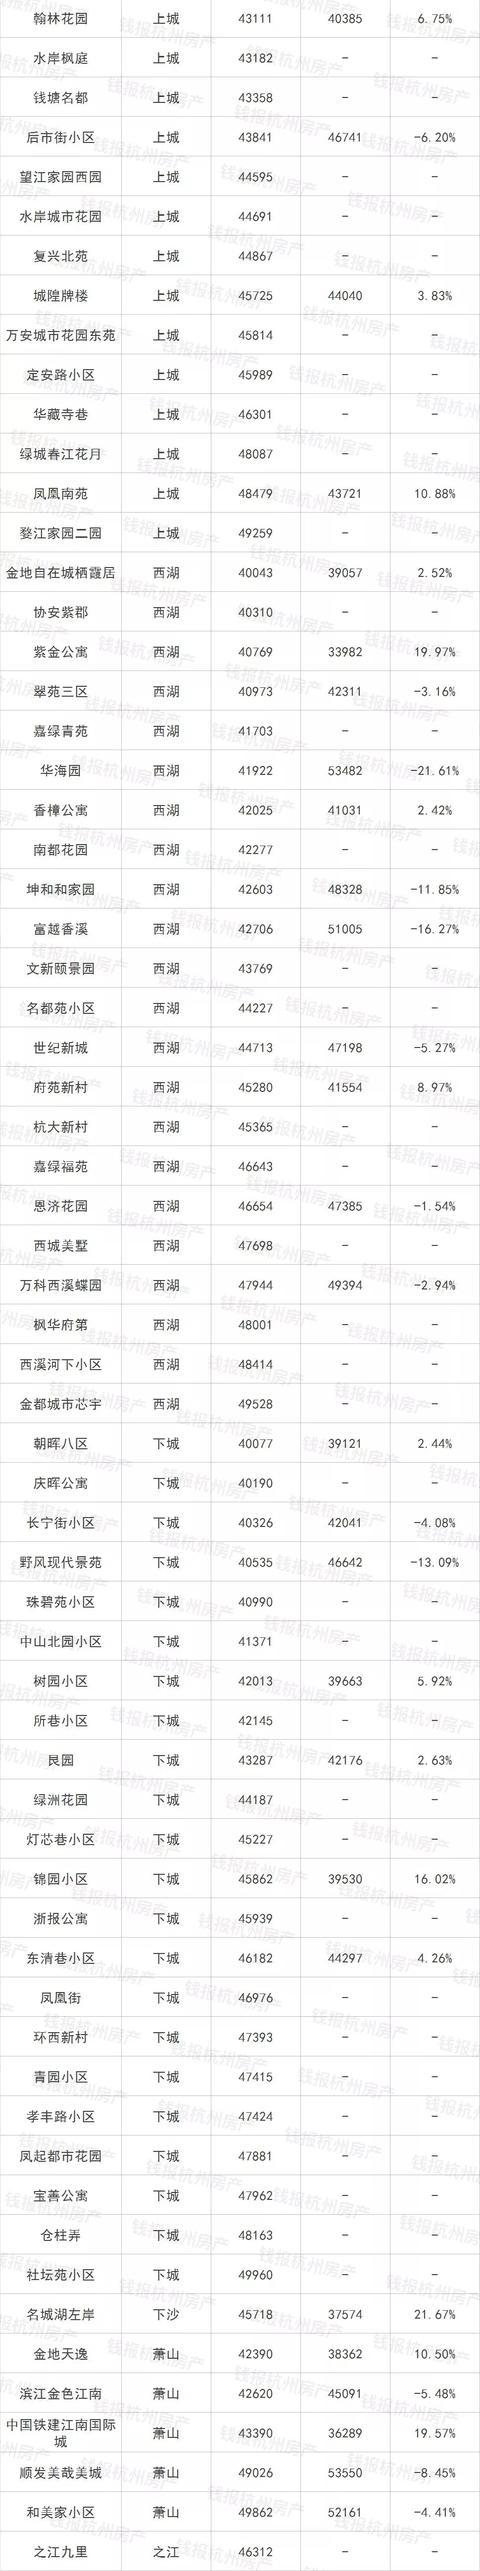 杭州最新二手房成交价出炉!